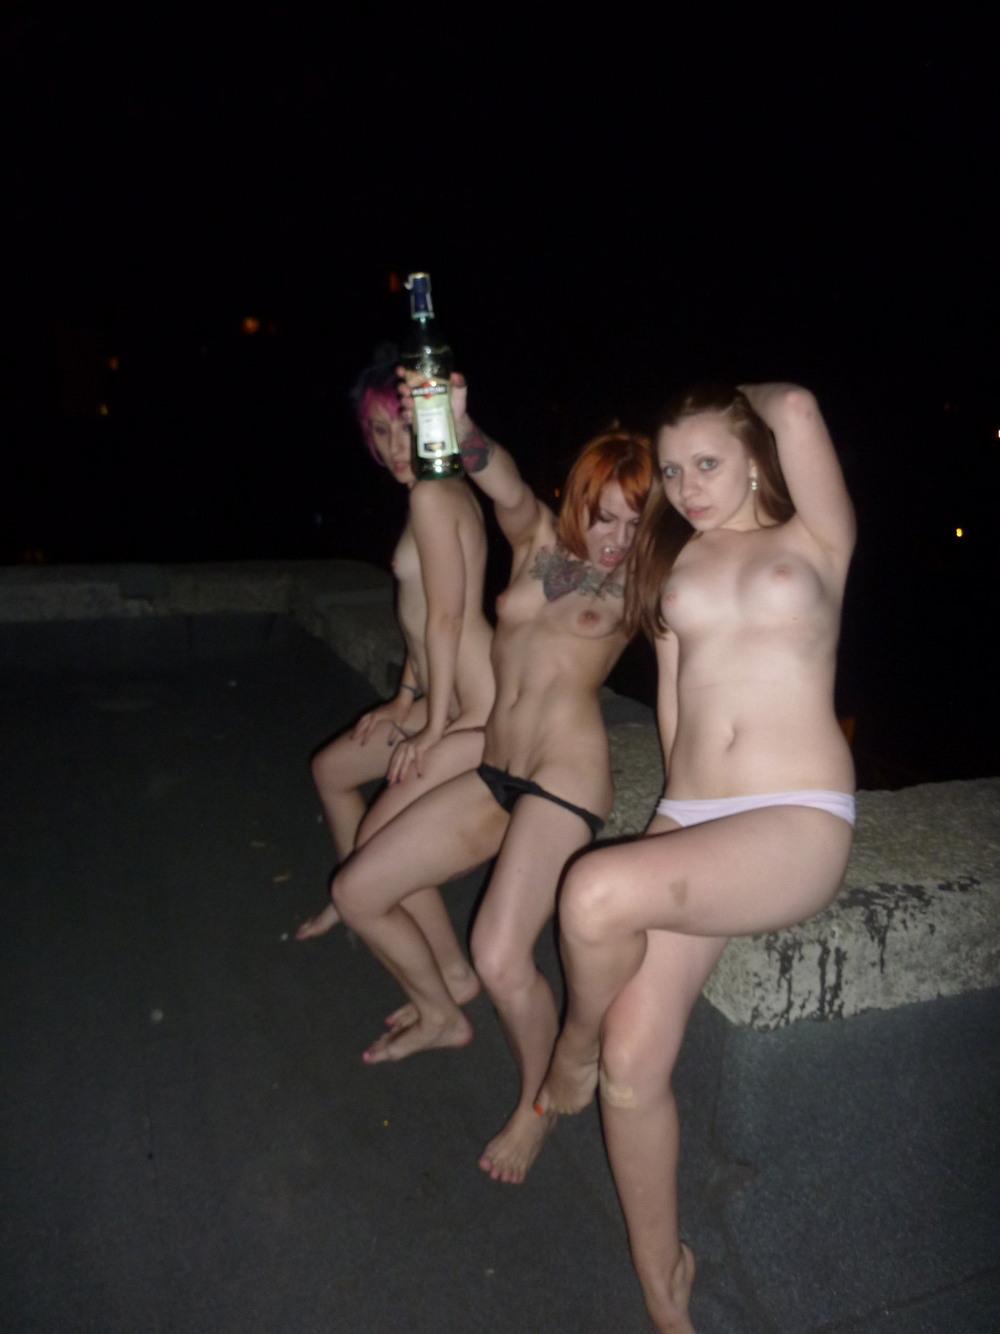 когда она откровенные фото пьяных предложили контракт, который